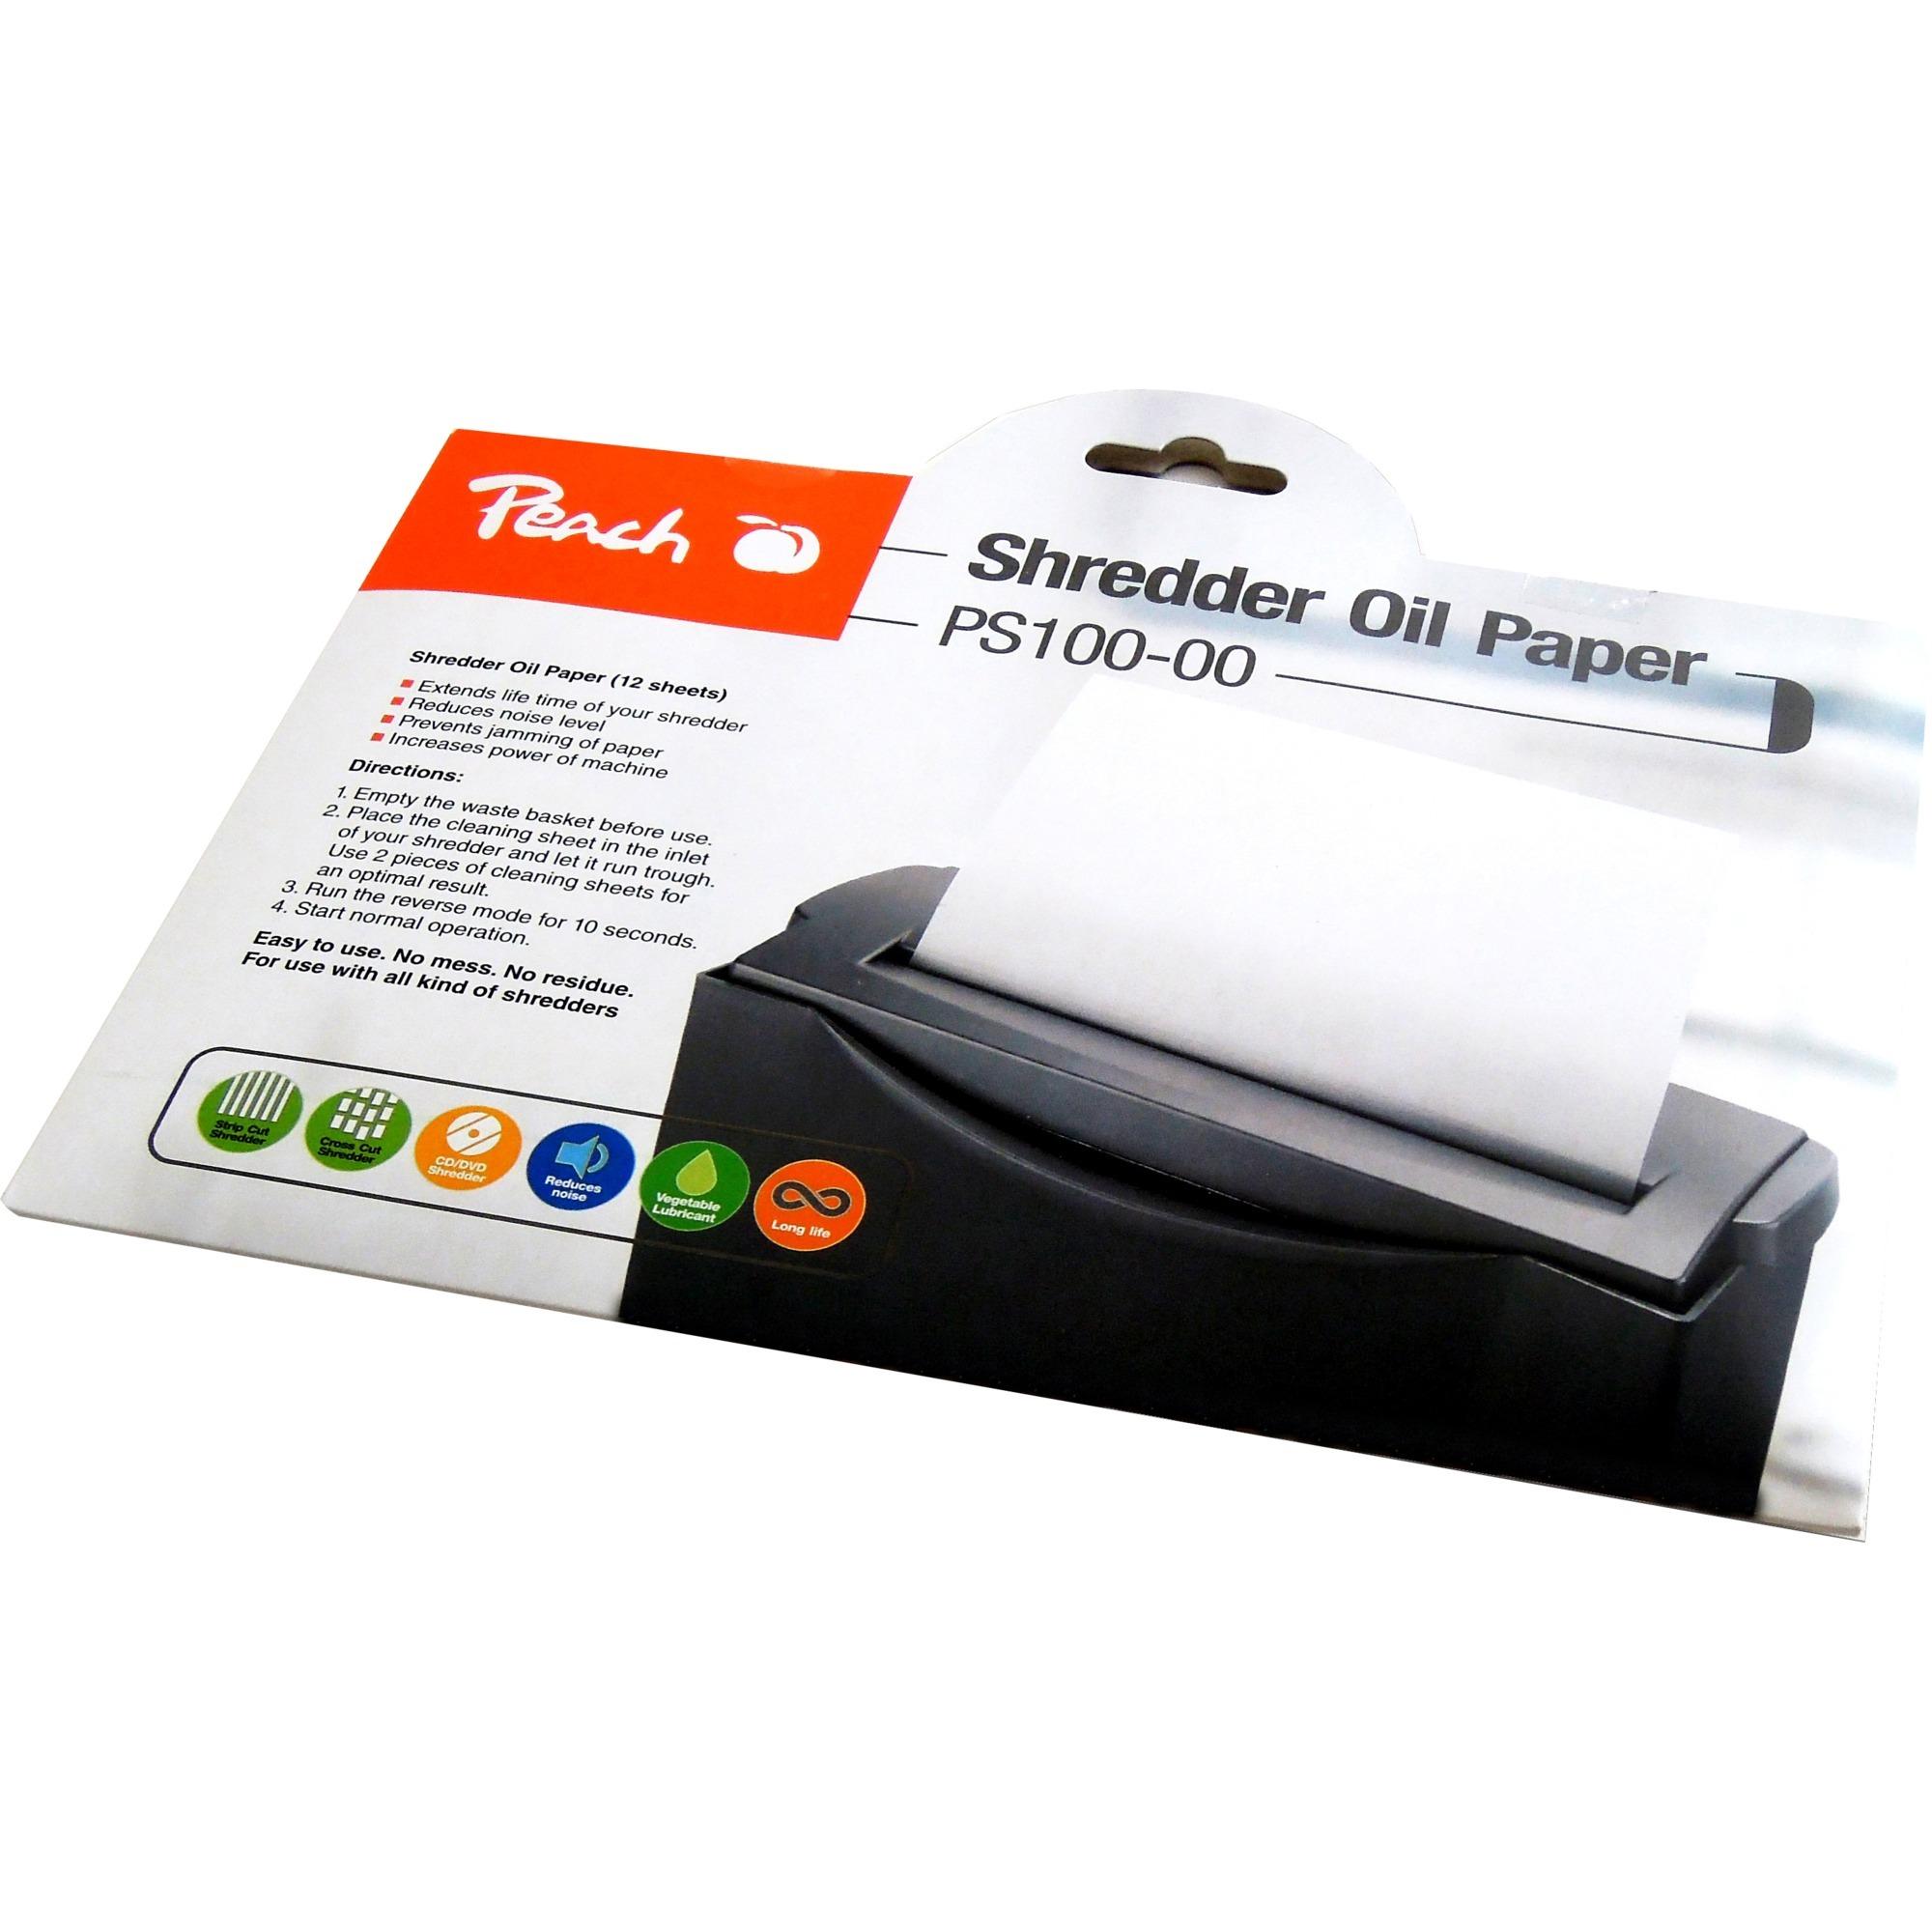 PS100-00 accesorio para destructoras de papel Aceite lubricante, Papel impregnado en aceite